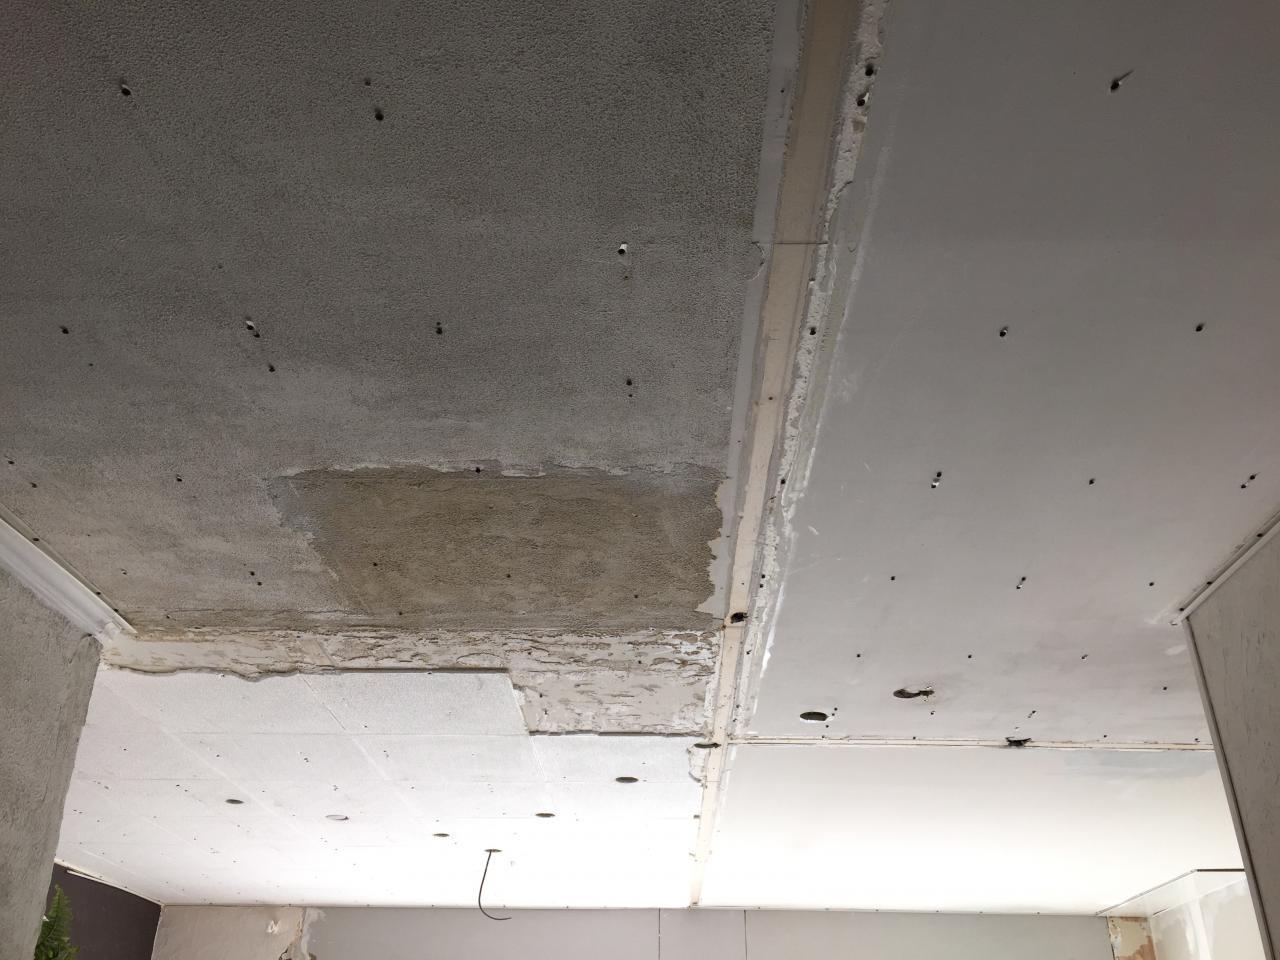 Voici le plafond une fois tous les cloisons démoli